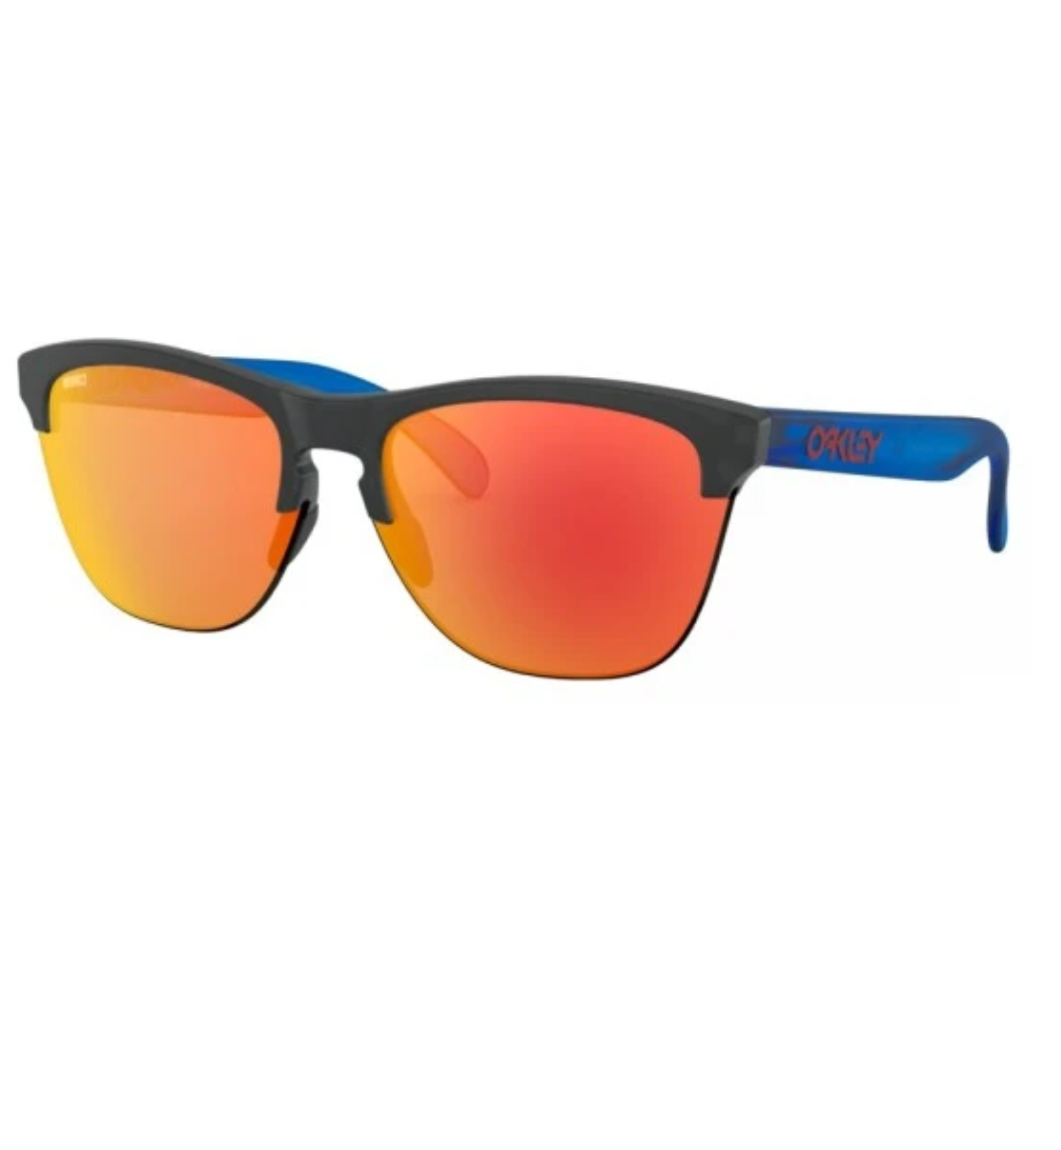 Oakley - OO9374 2763 - Frogskins Lite -Óculos de Sol